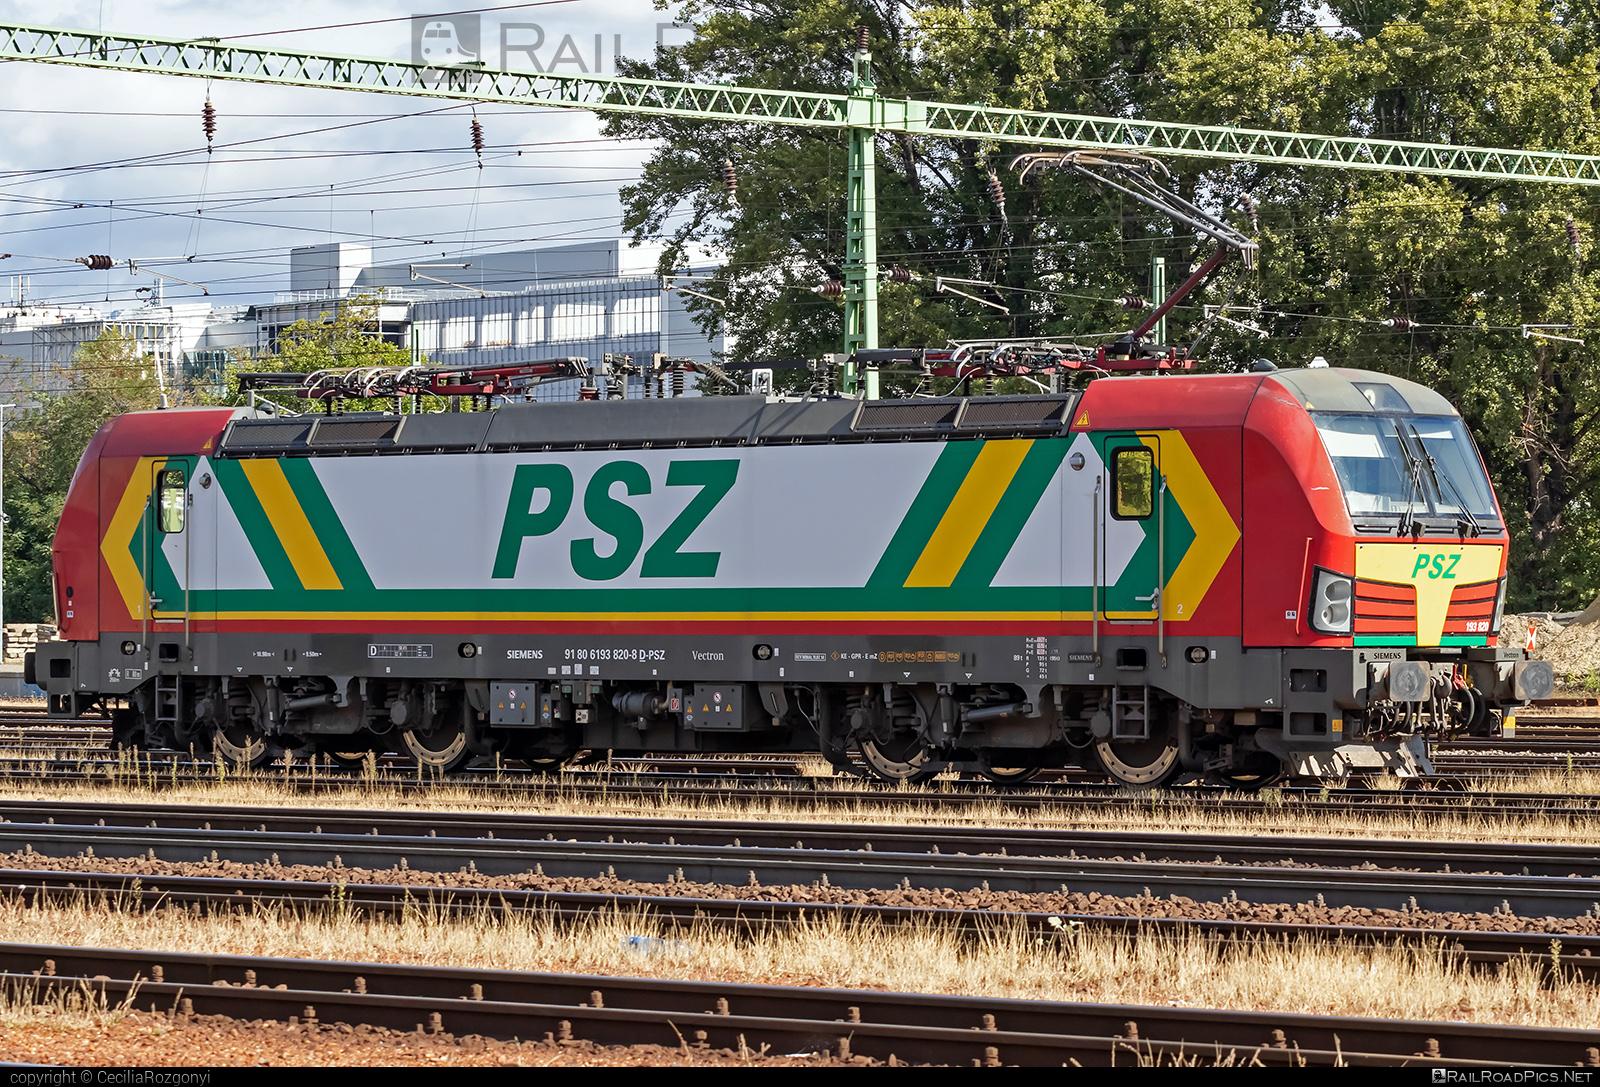 Siemens Vectron MS - 193 820 operated by Prvá Slovenská železničná, a.s. #prvaslovenskazeleznicna #prvaslovenskazeleznicnaas #psz #siemens #siemensvectron #siemensvectronms #vectron #vectronms